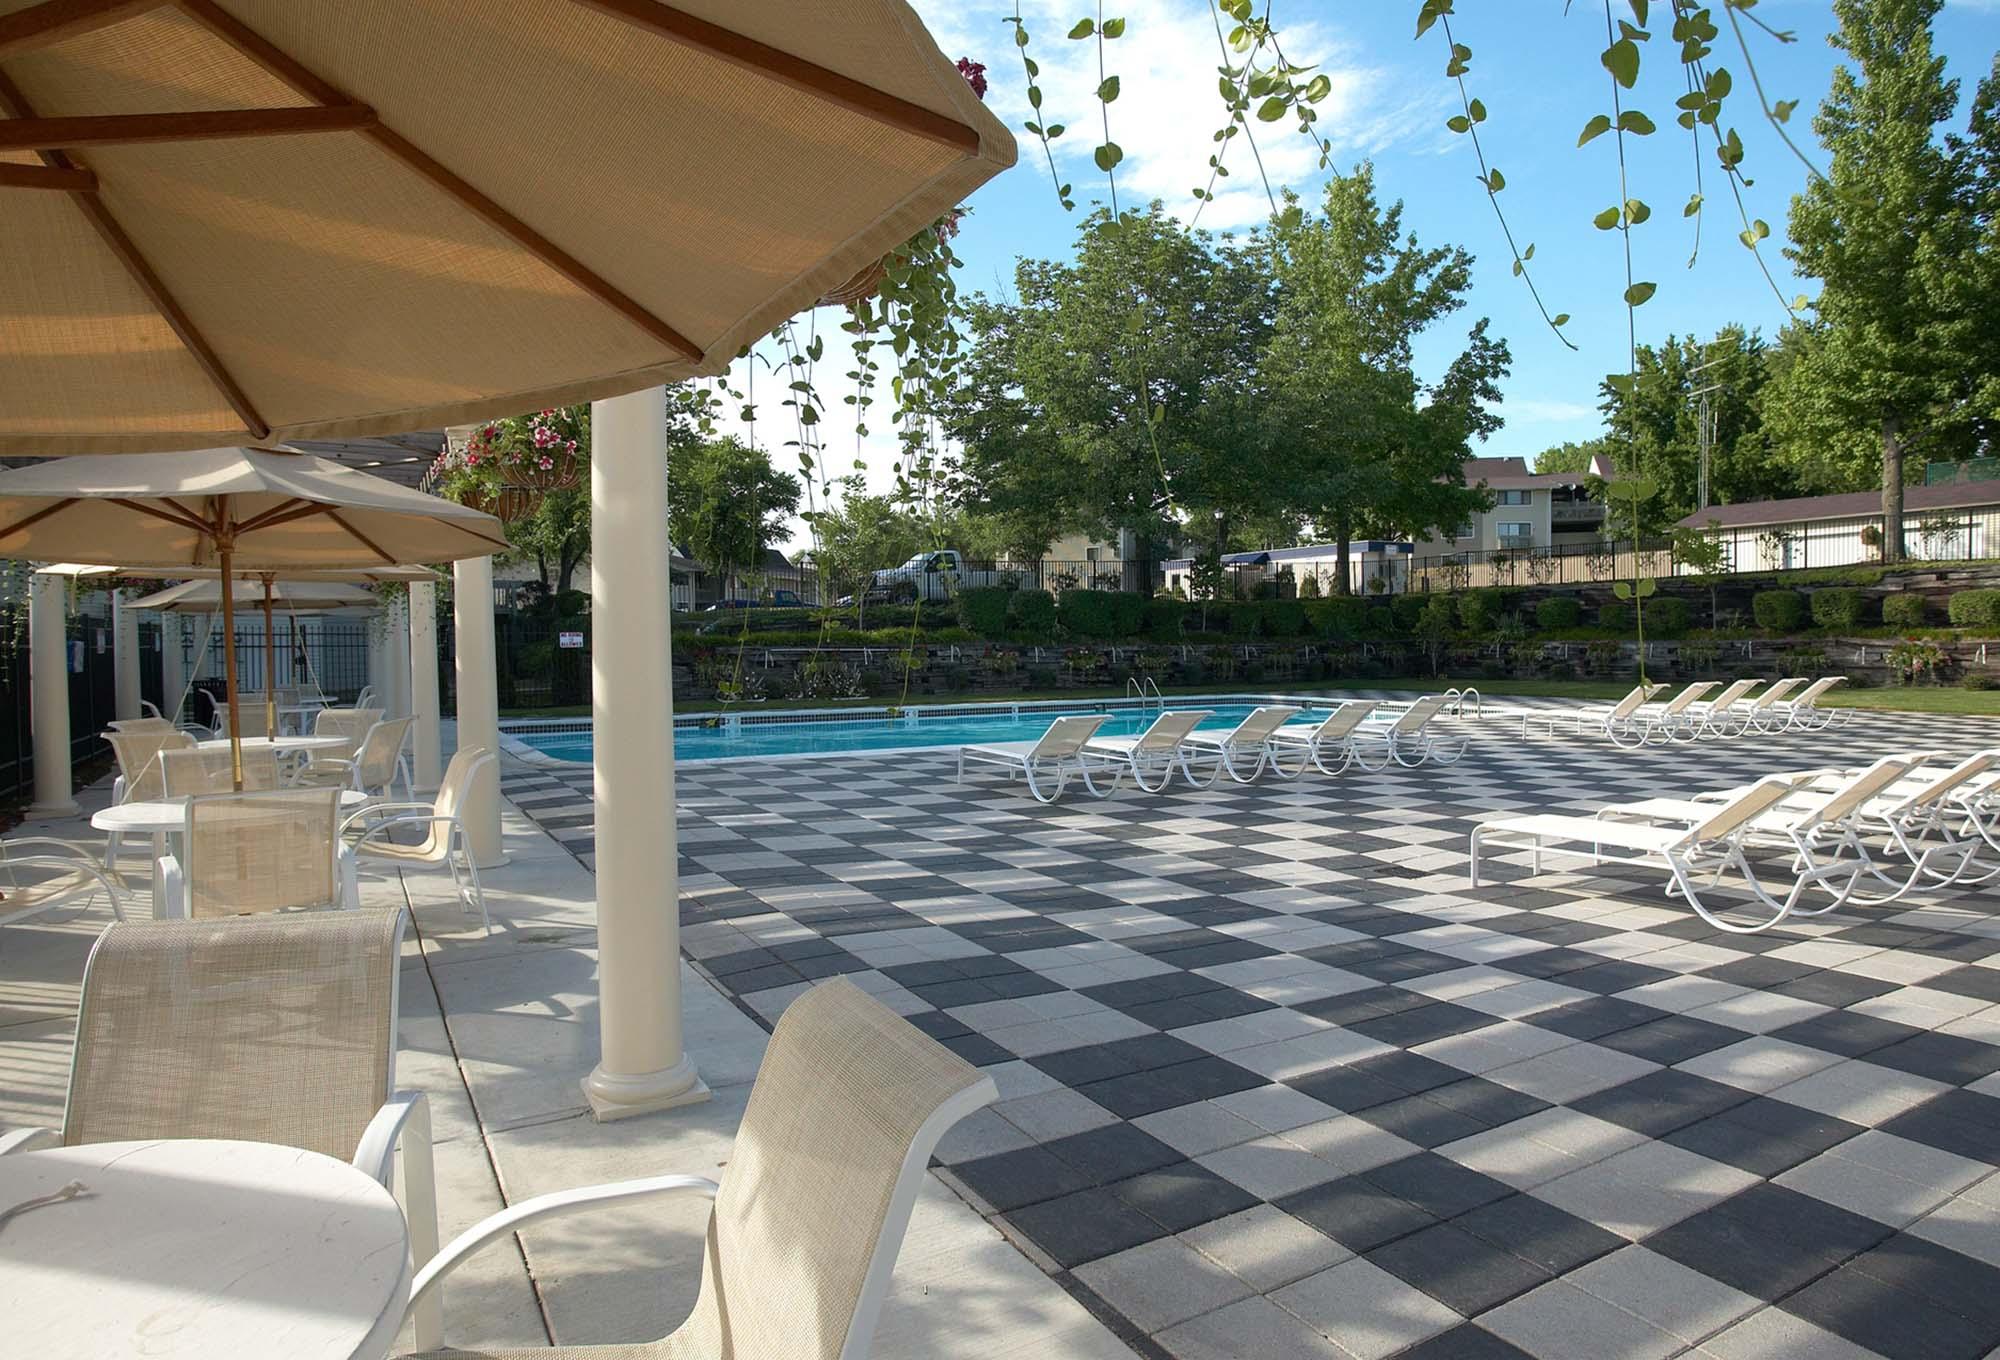 Pavilion-pool